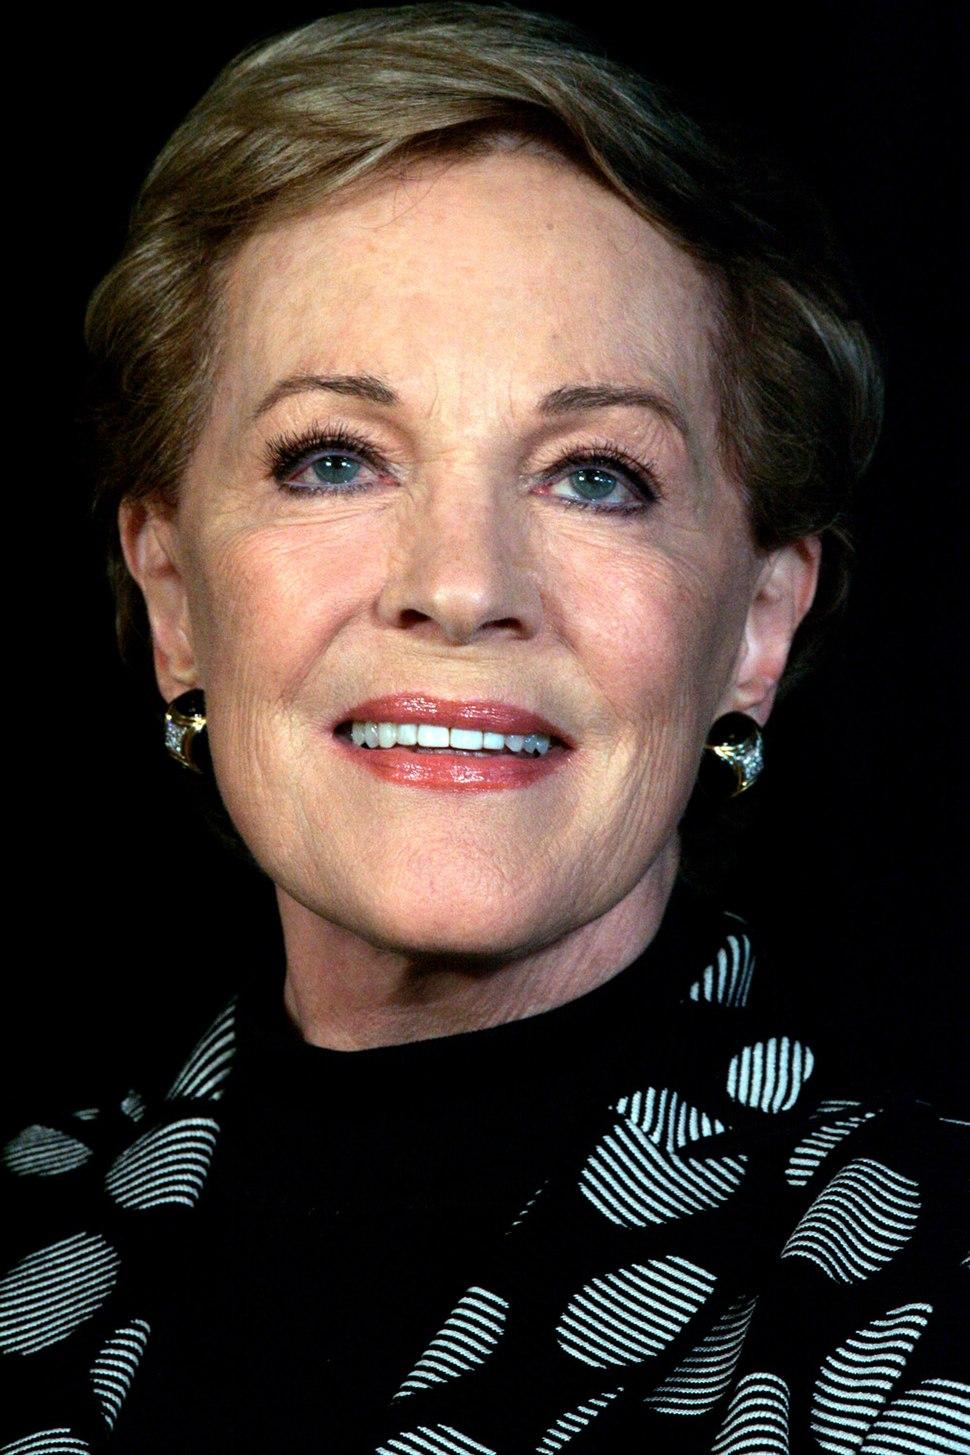 Julie Andrews Park Hyatt, Sydney, Australia 2013